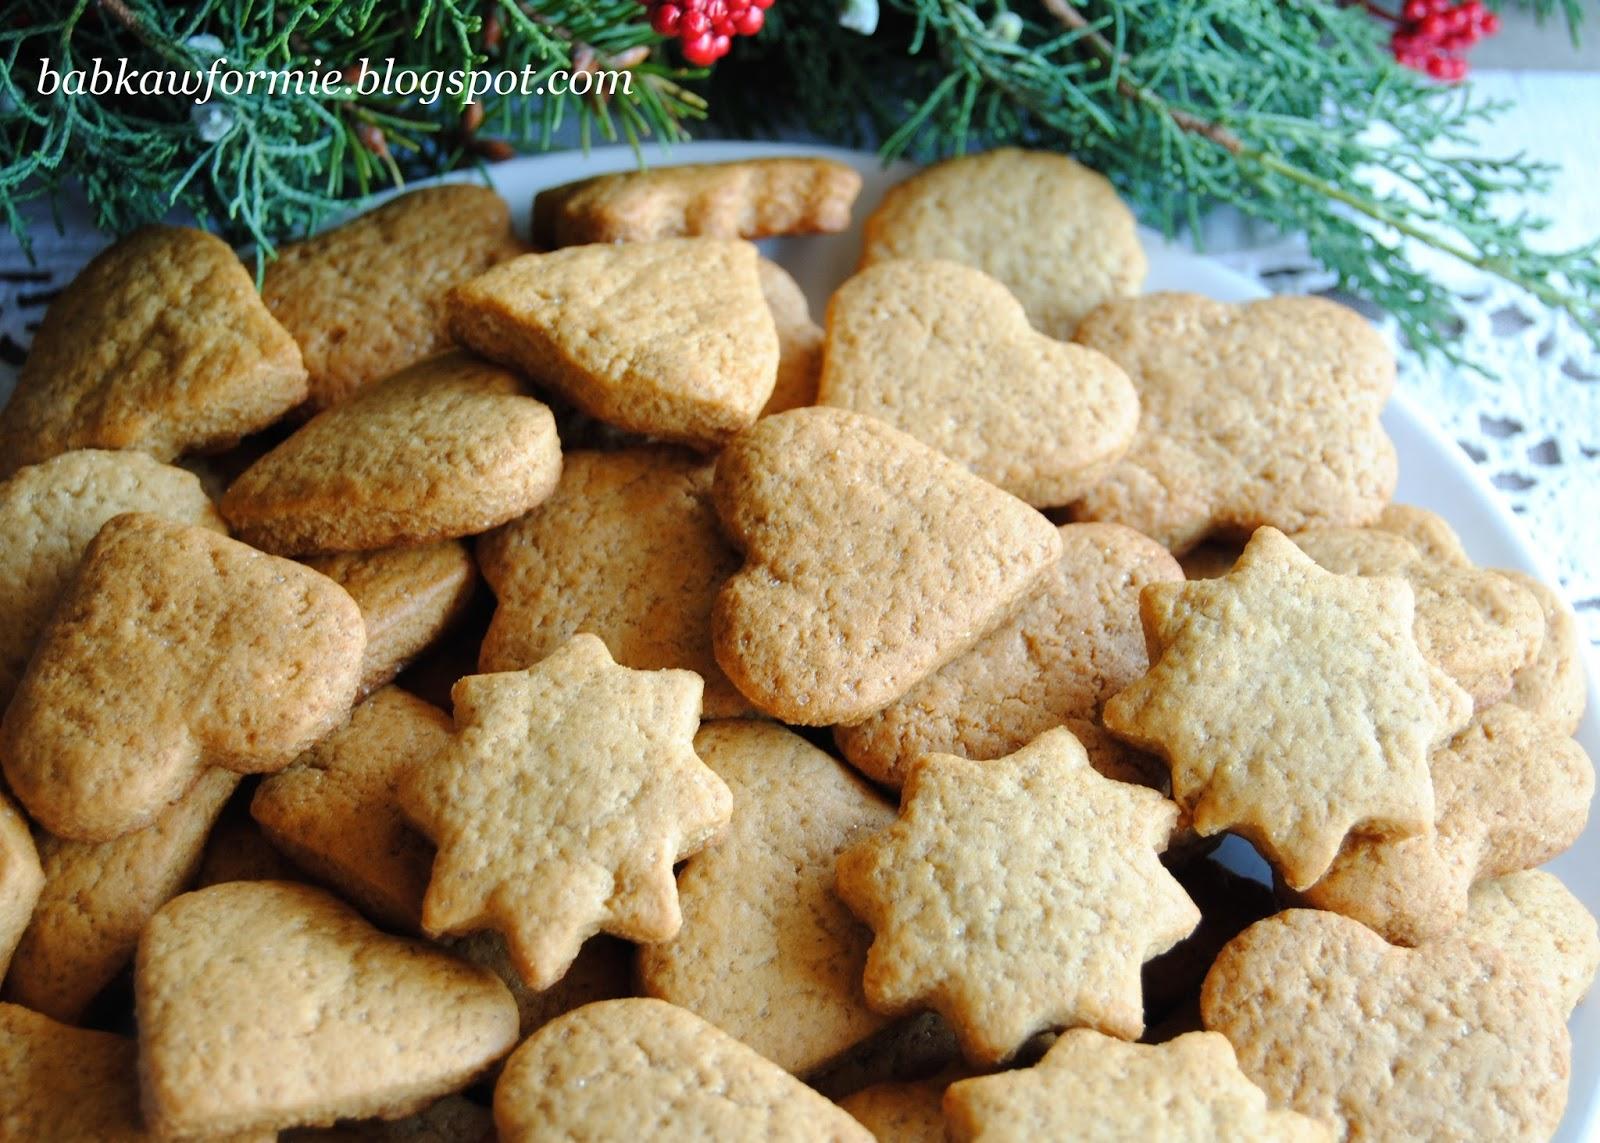 tradycyjne pierniczki na Boże Narodzenie miękkie i kruche babkawformie.blogspot.com